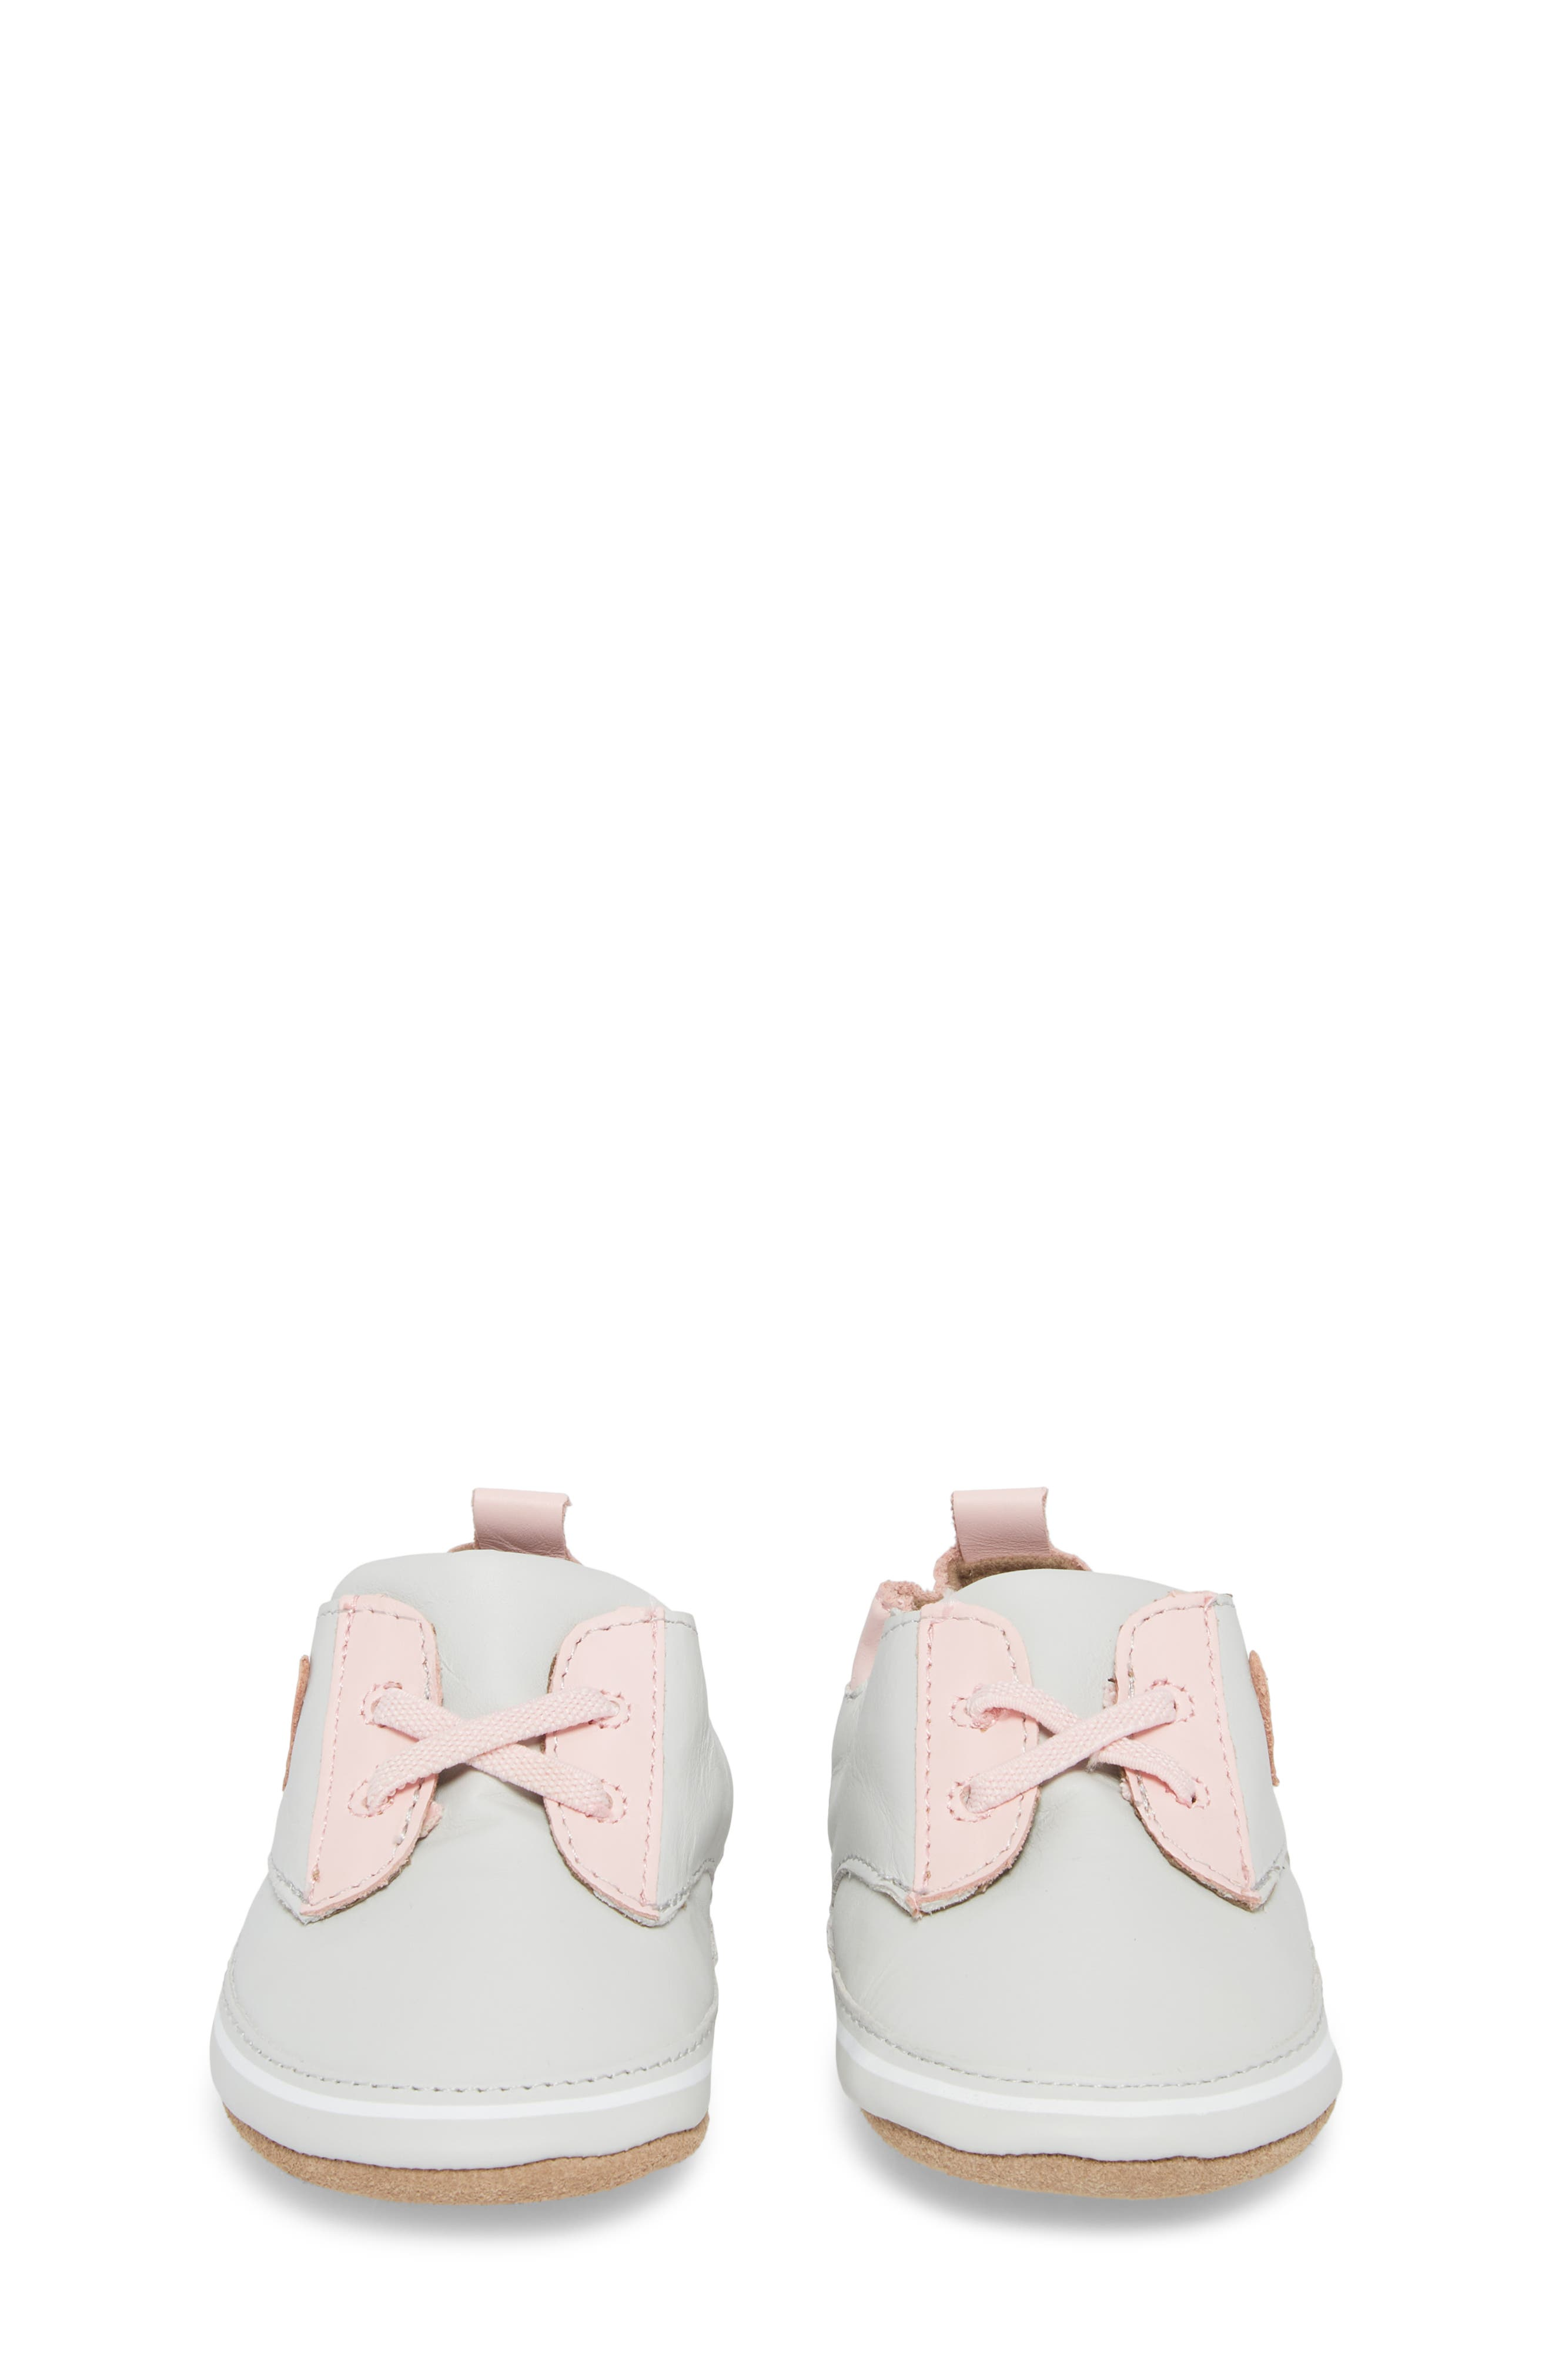 Heartbreaker Slip-On Crib Sneaker,                             Alternate thumbnail 5, color,                             Light Grey